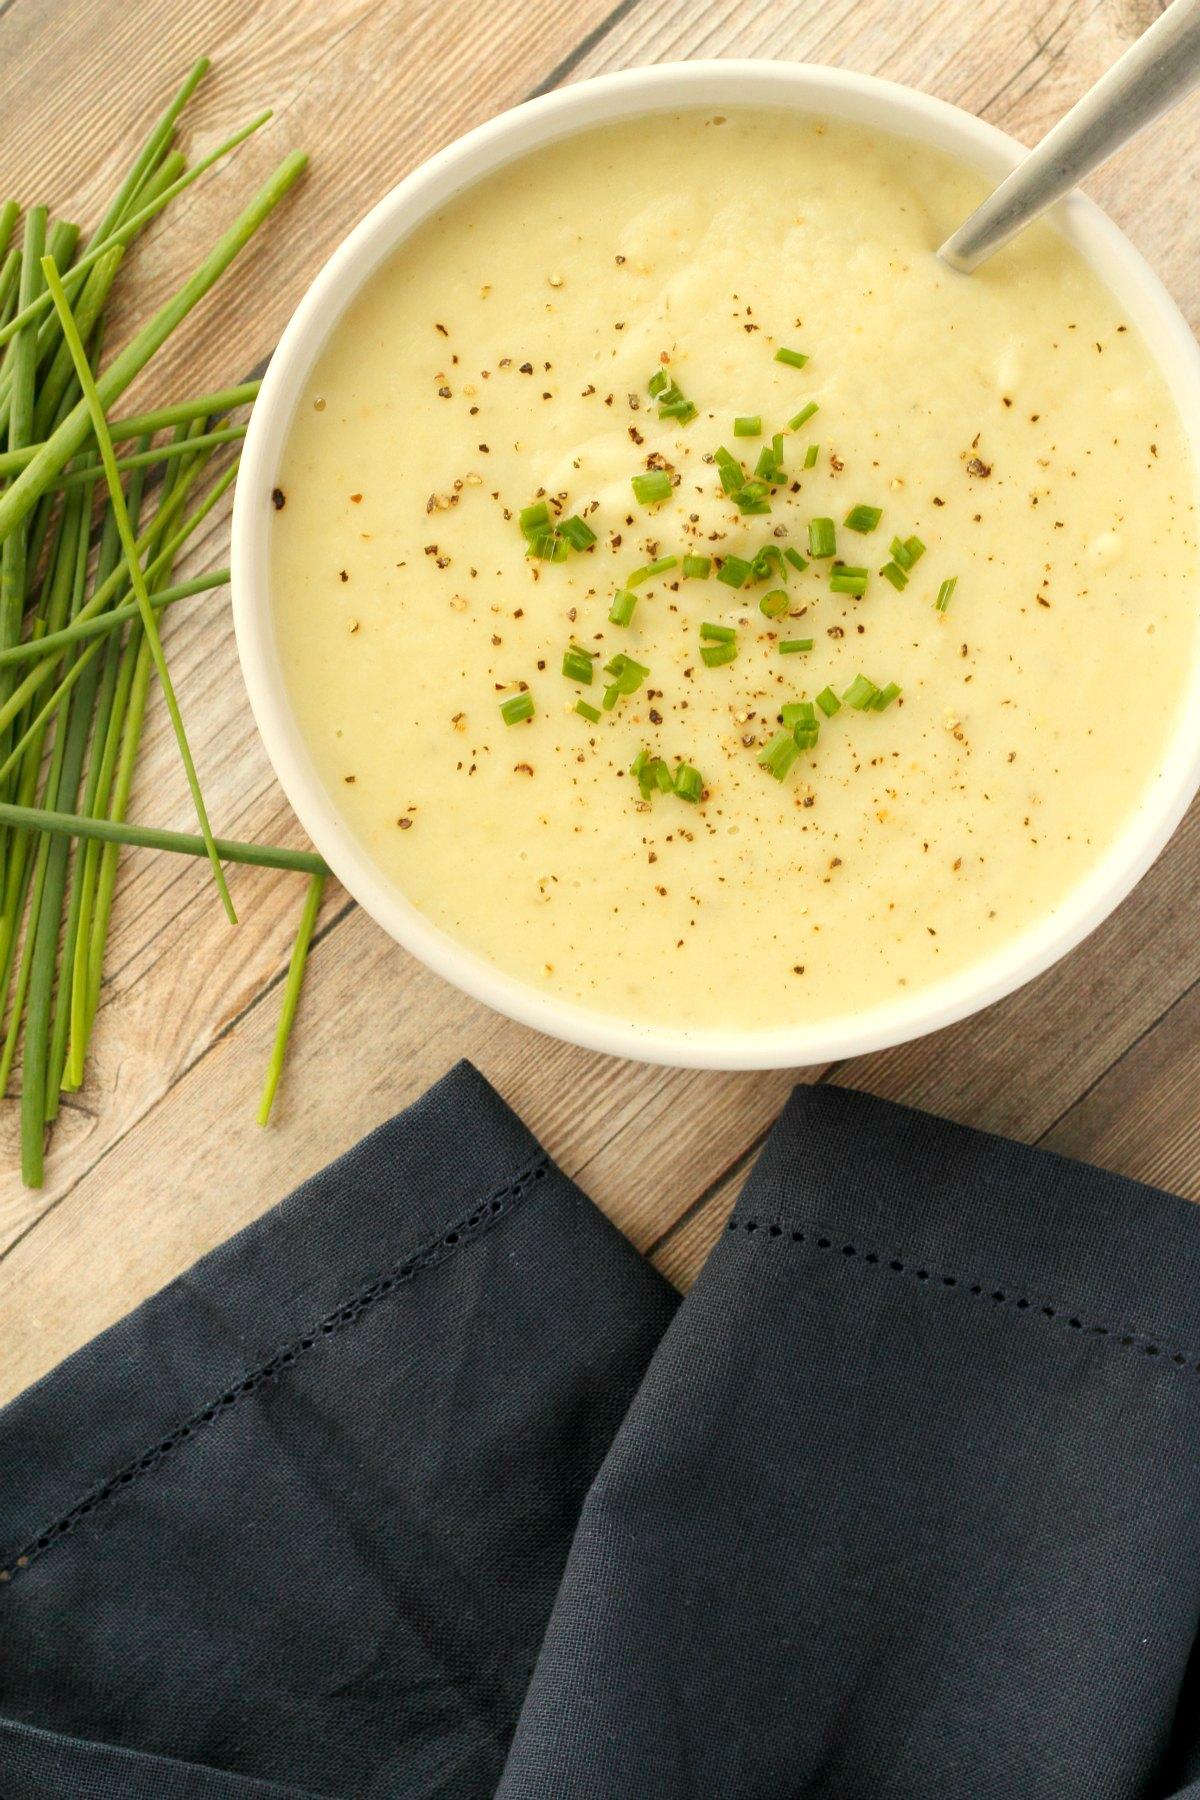 Vegan potato leek soup in a white bowl with a spoon.